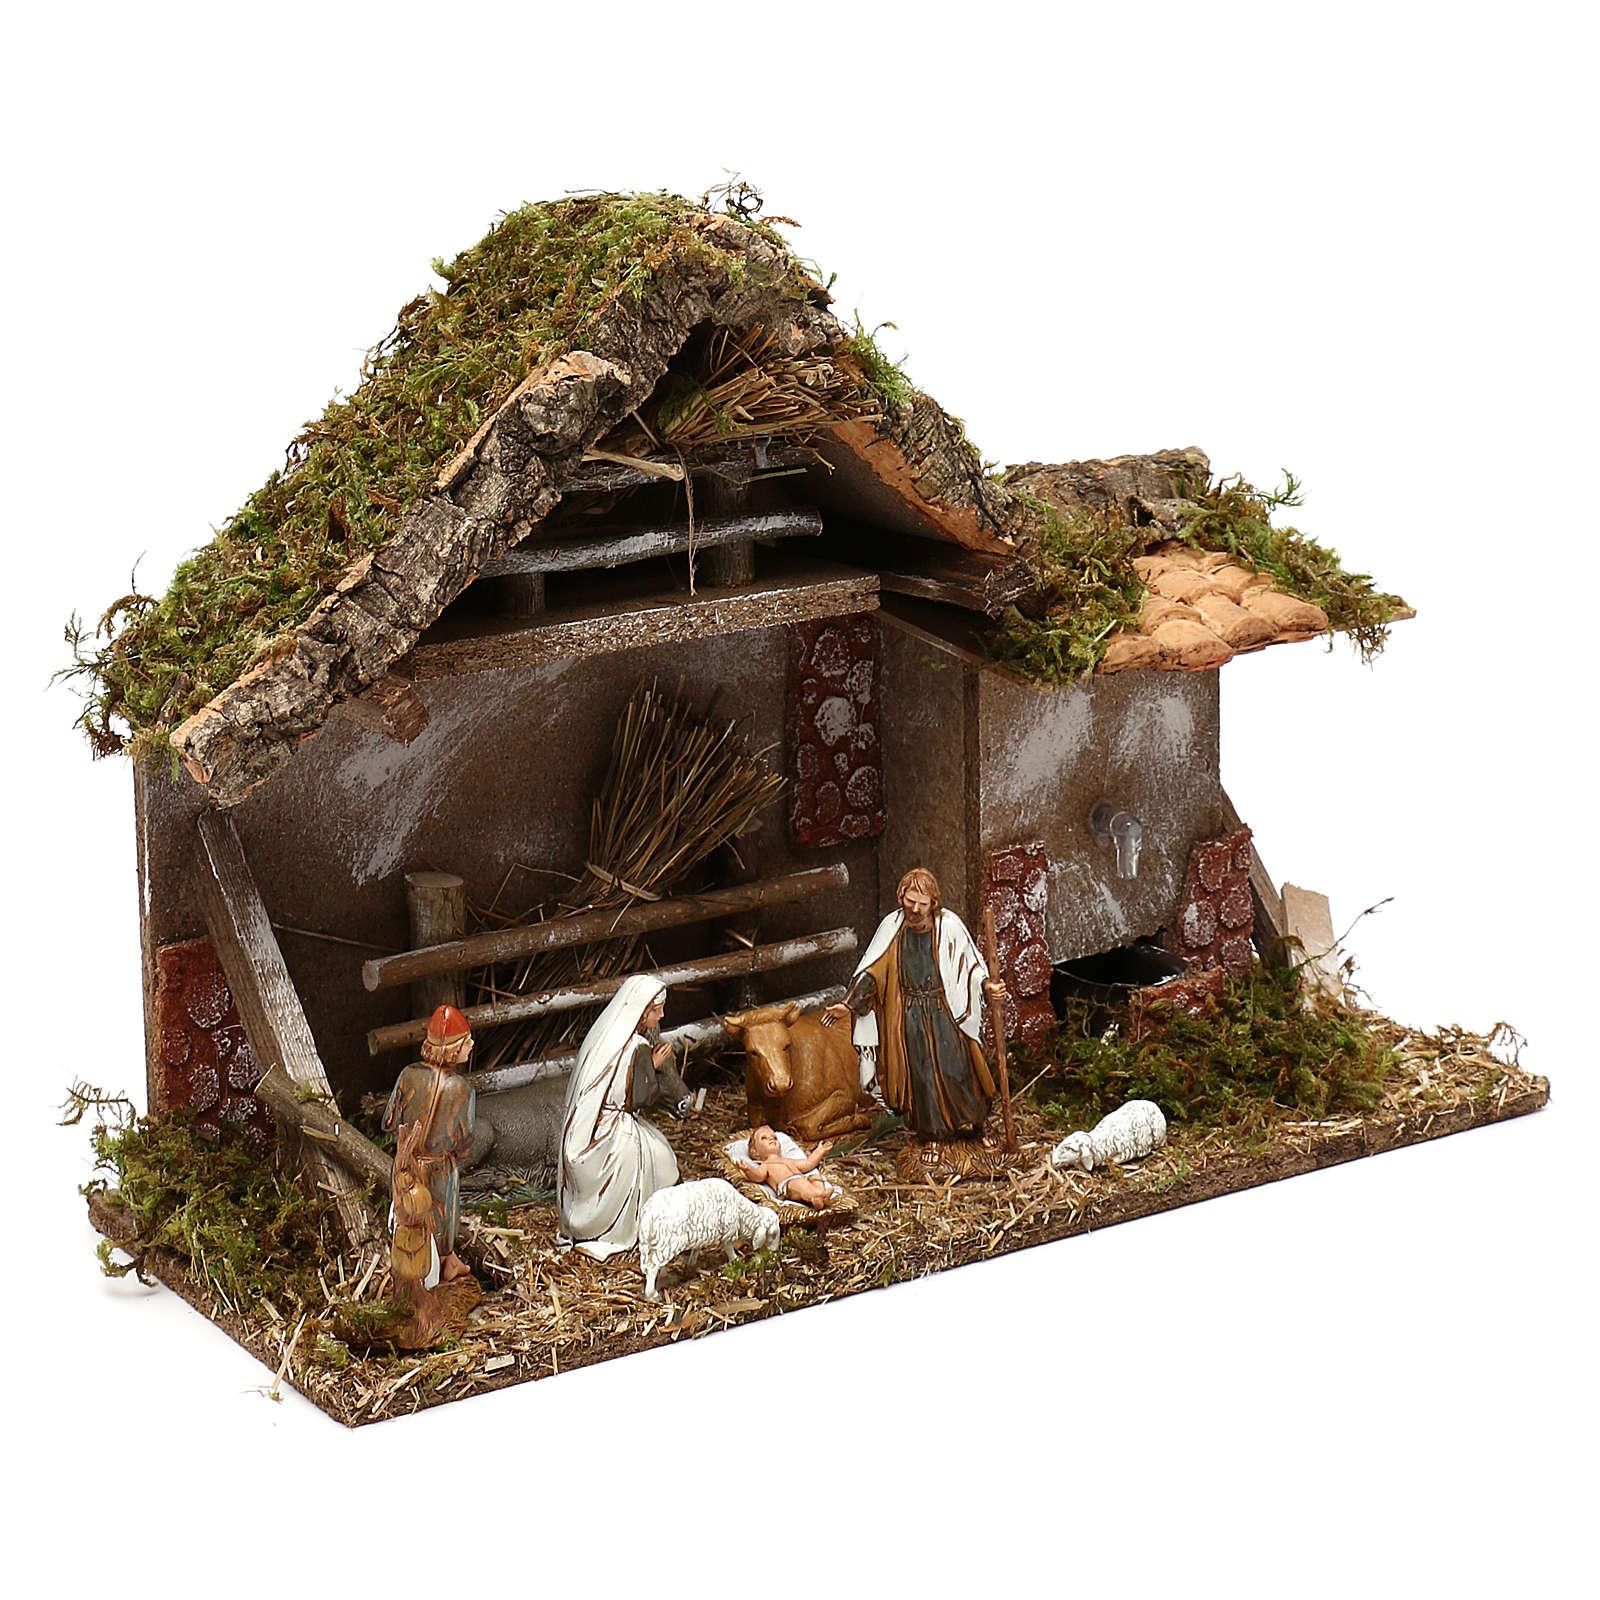 Cabaña con henil fuente y natividad belén 10 cm 4